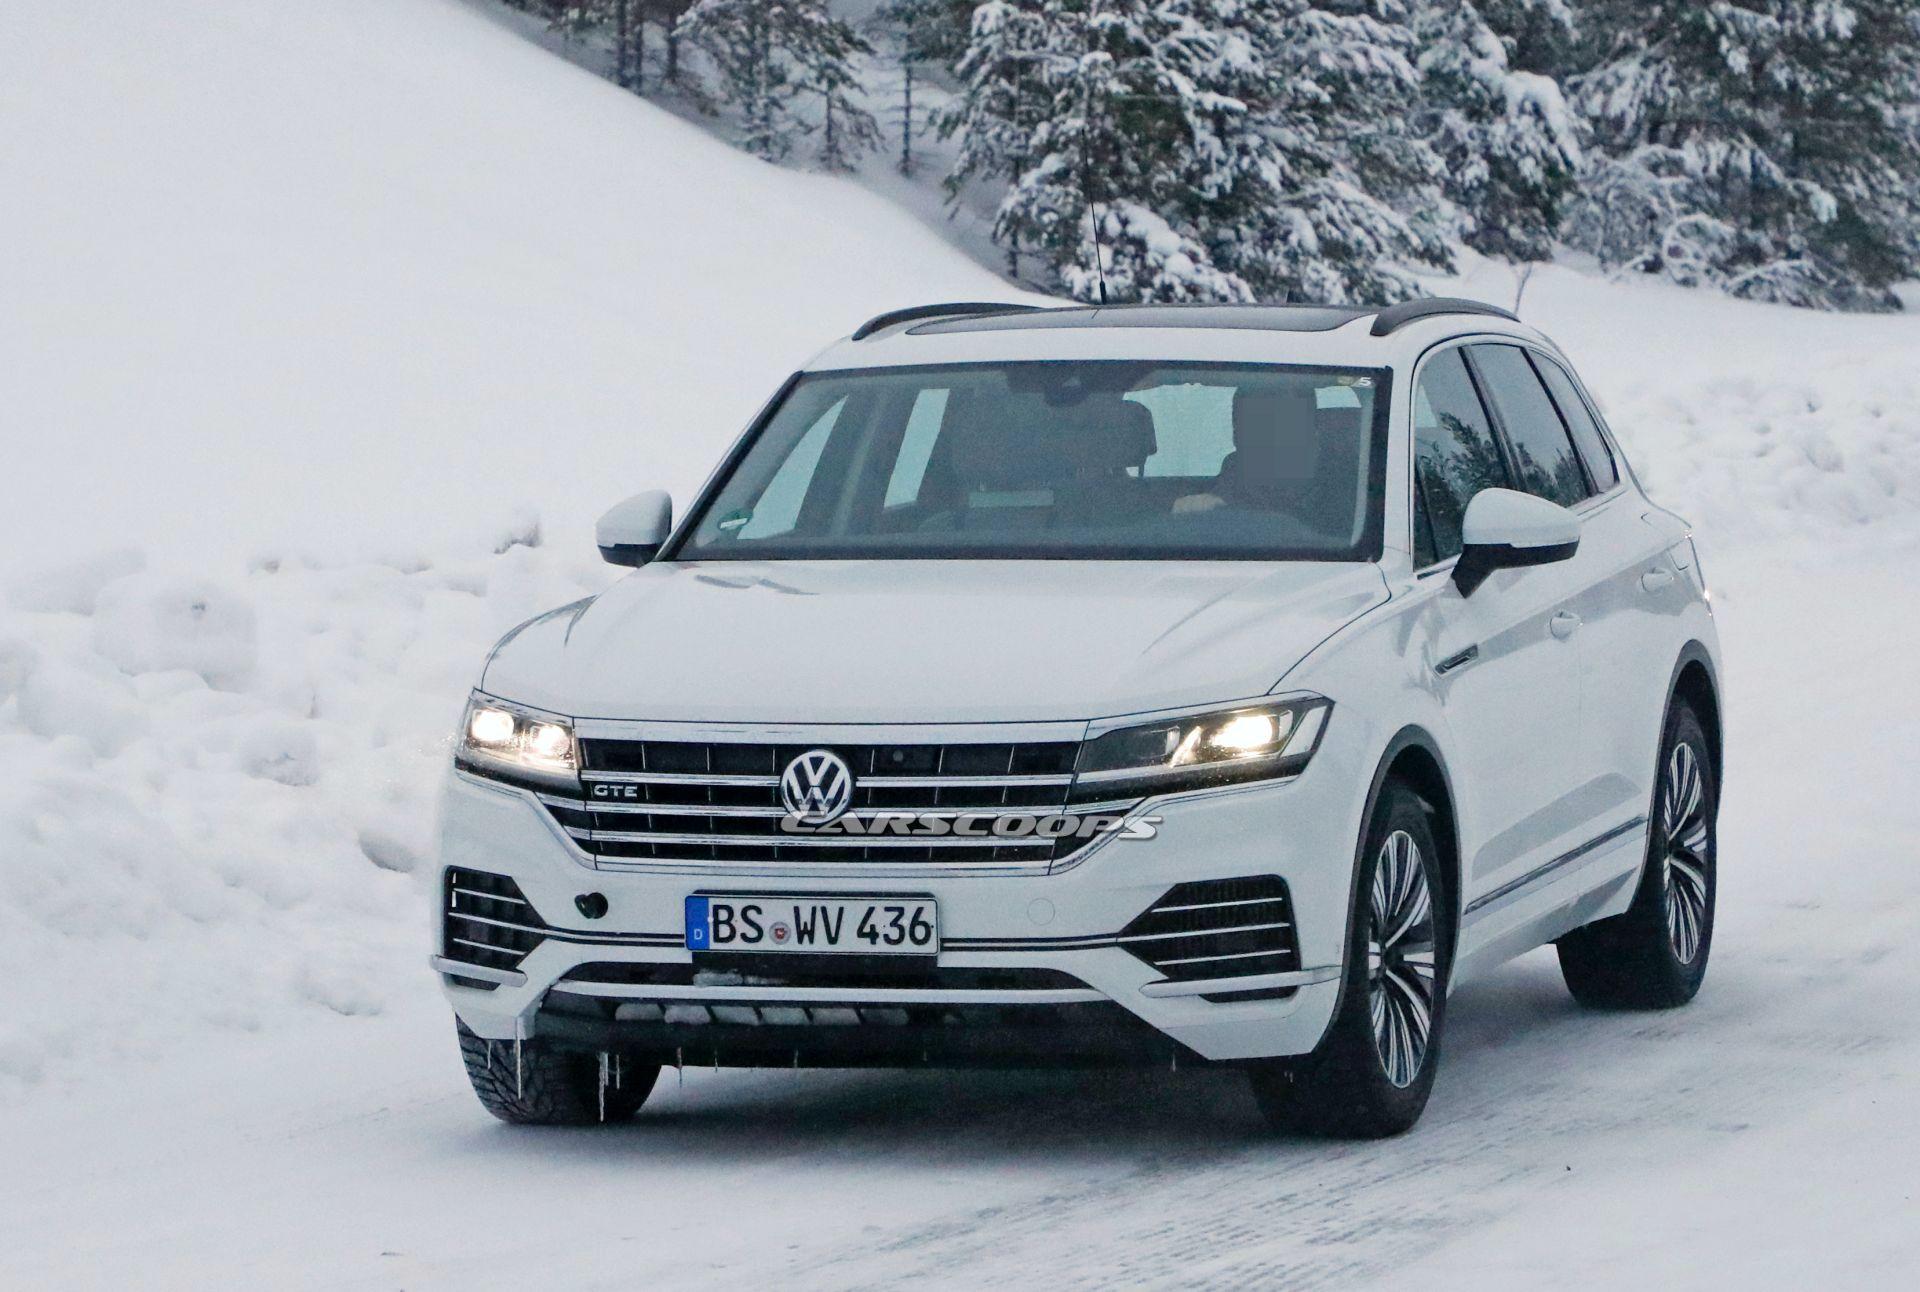 VW Touareg GTE